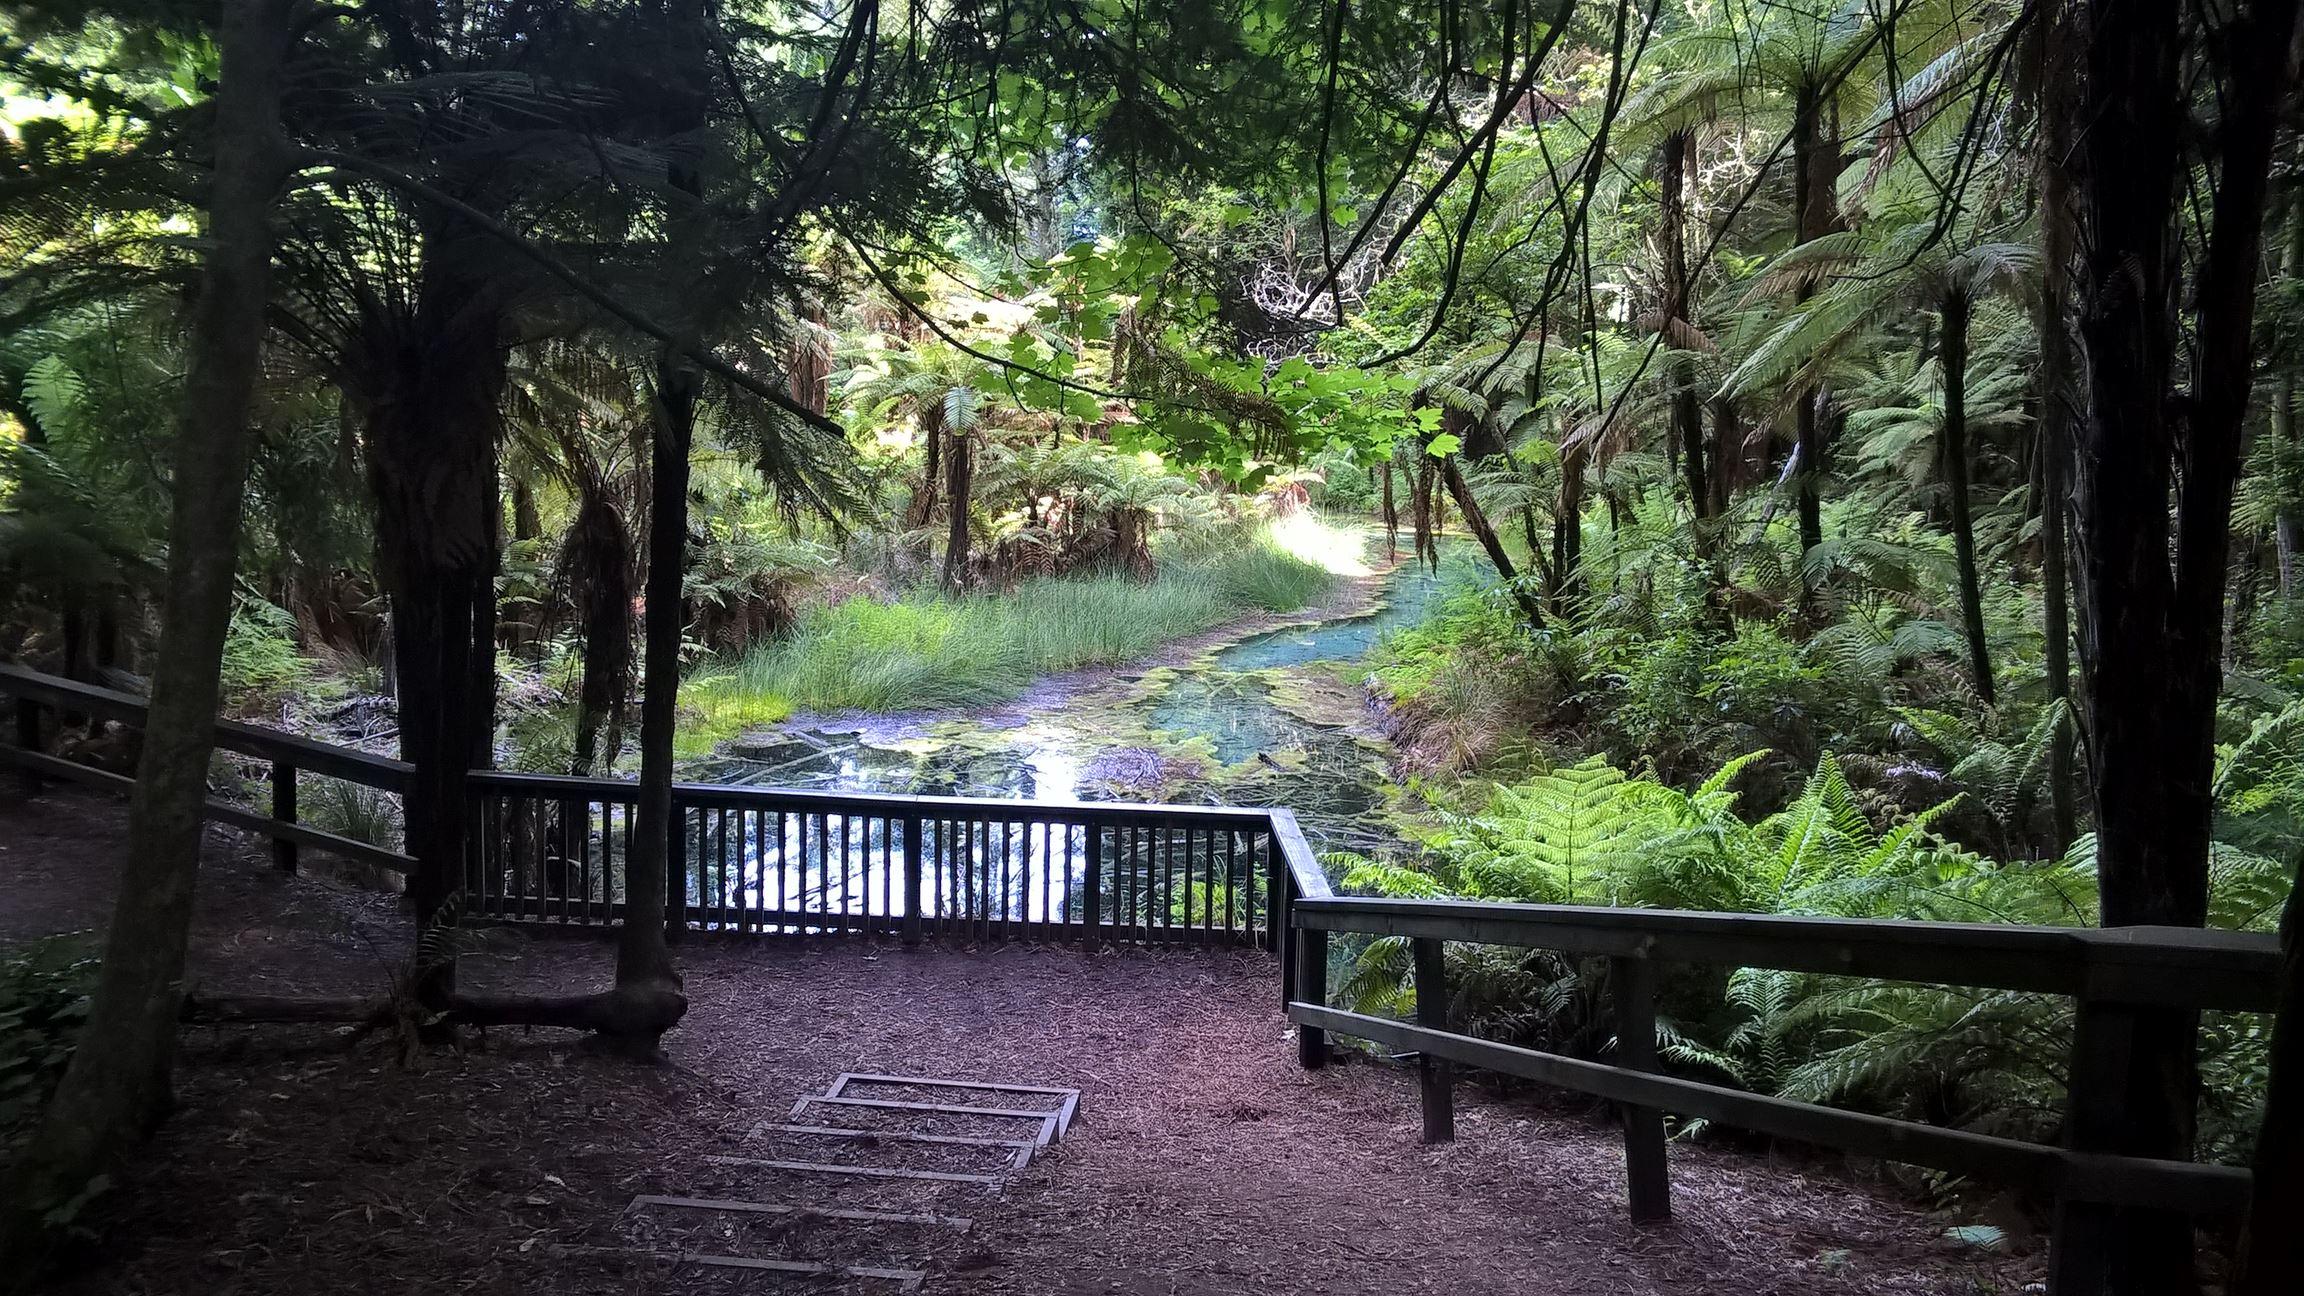 Ein weiterer schöner Spaziergang in der nähe von Rotorua